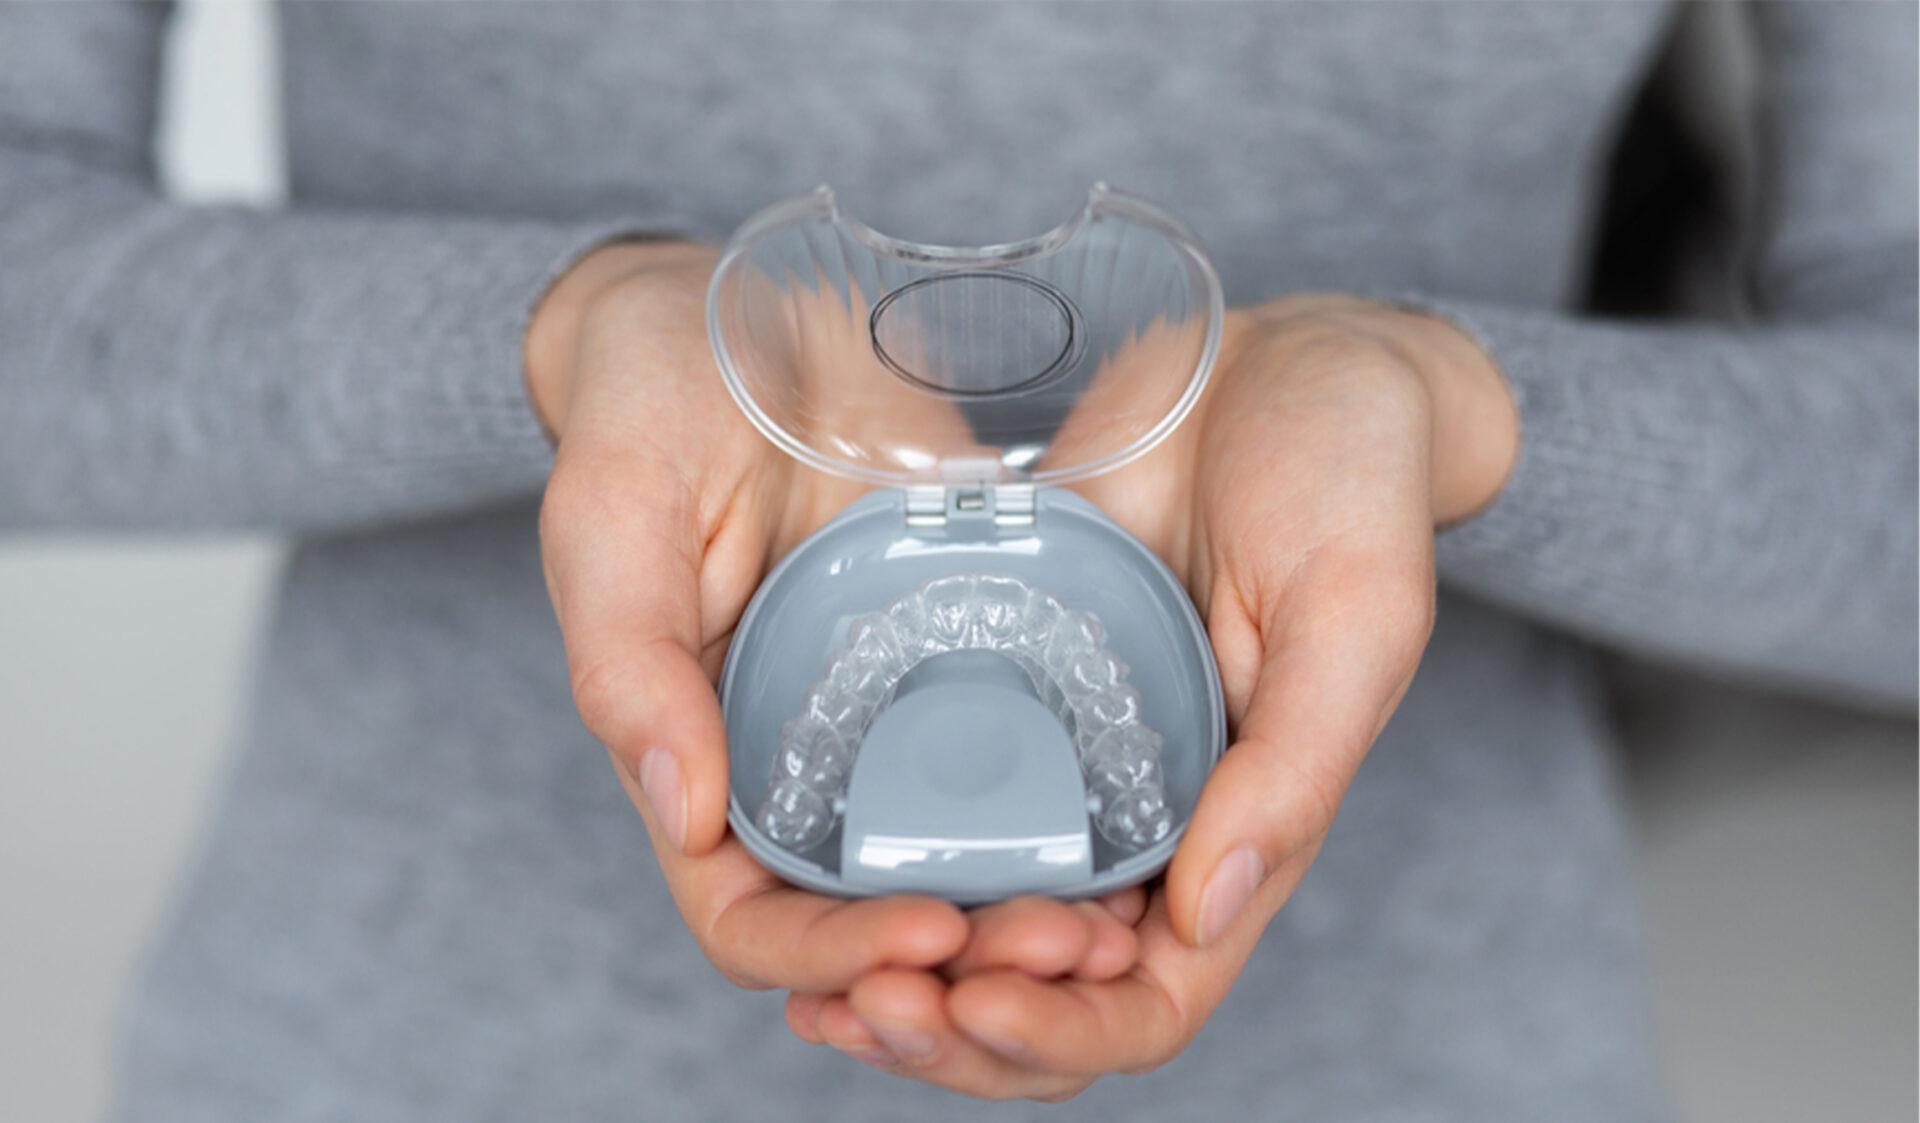 encinitas-dental-designs-services-invisalign